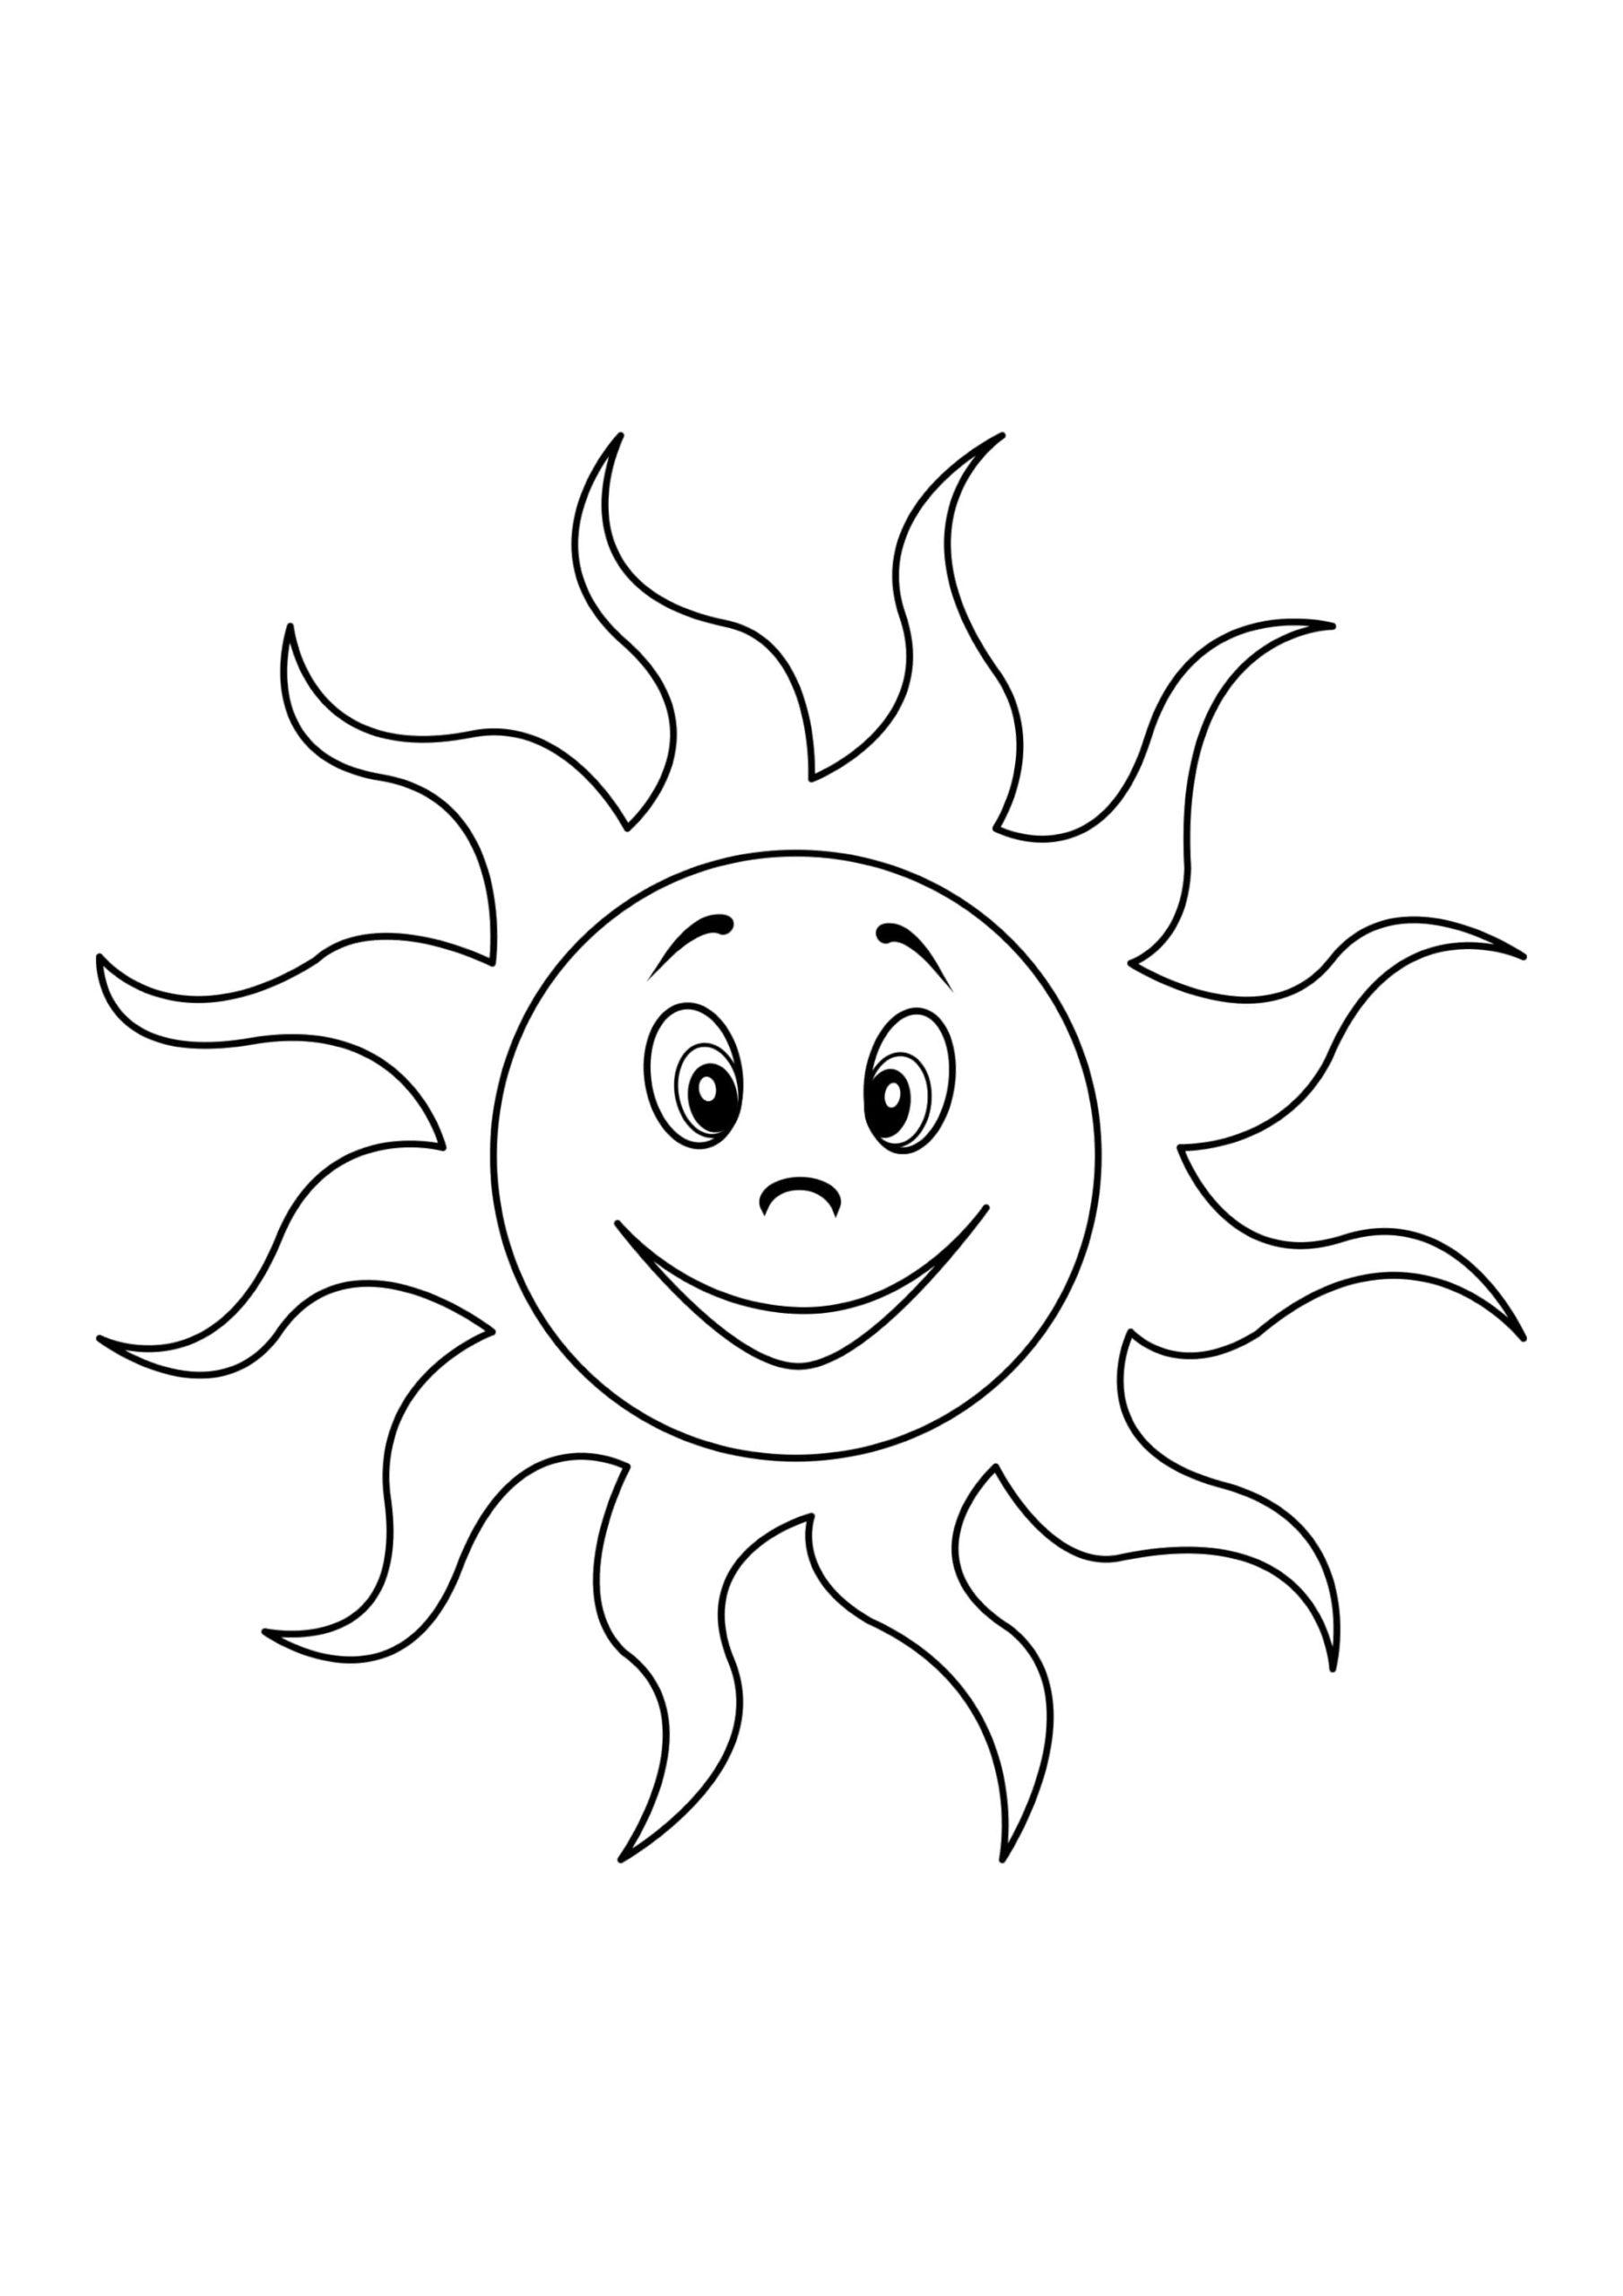 Ausmalbilder Sonne  8 Malvorlagen Kostenlos zum Ausdrucken